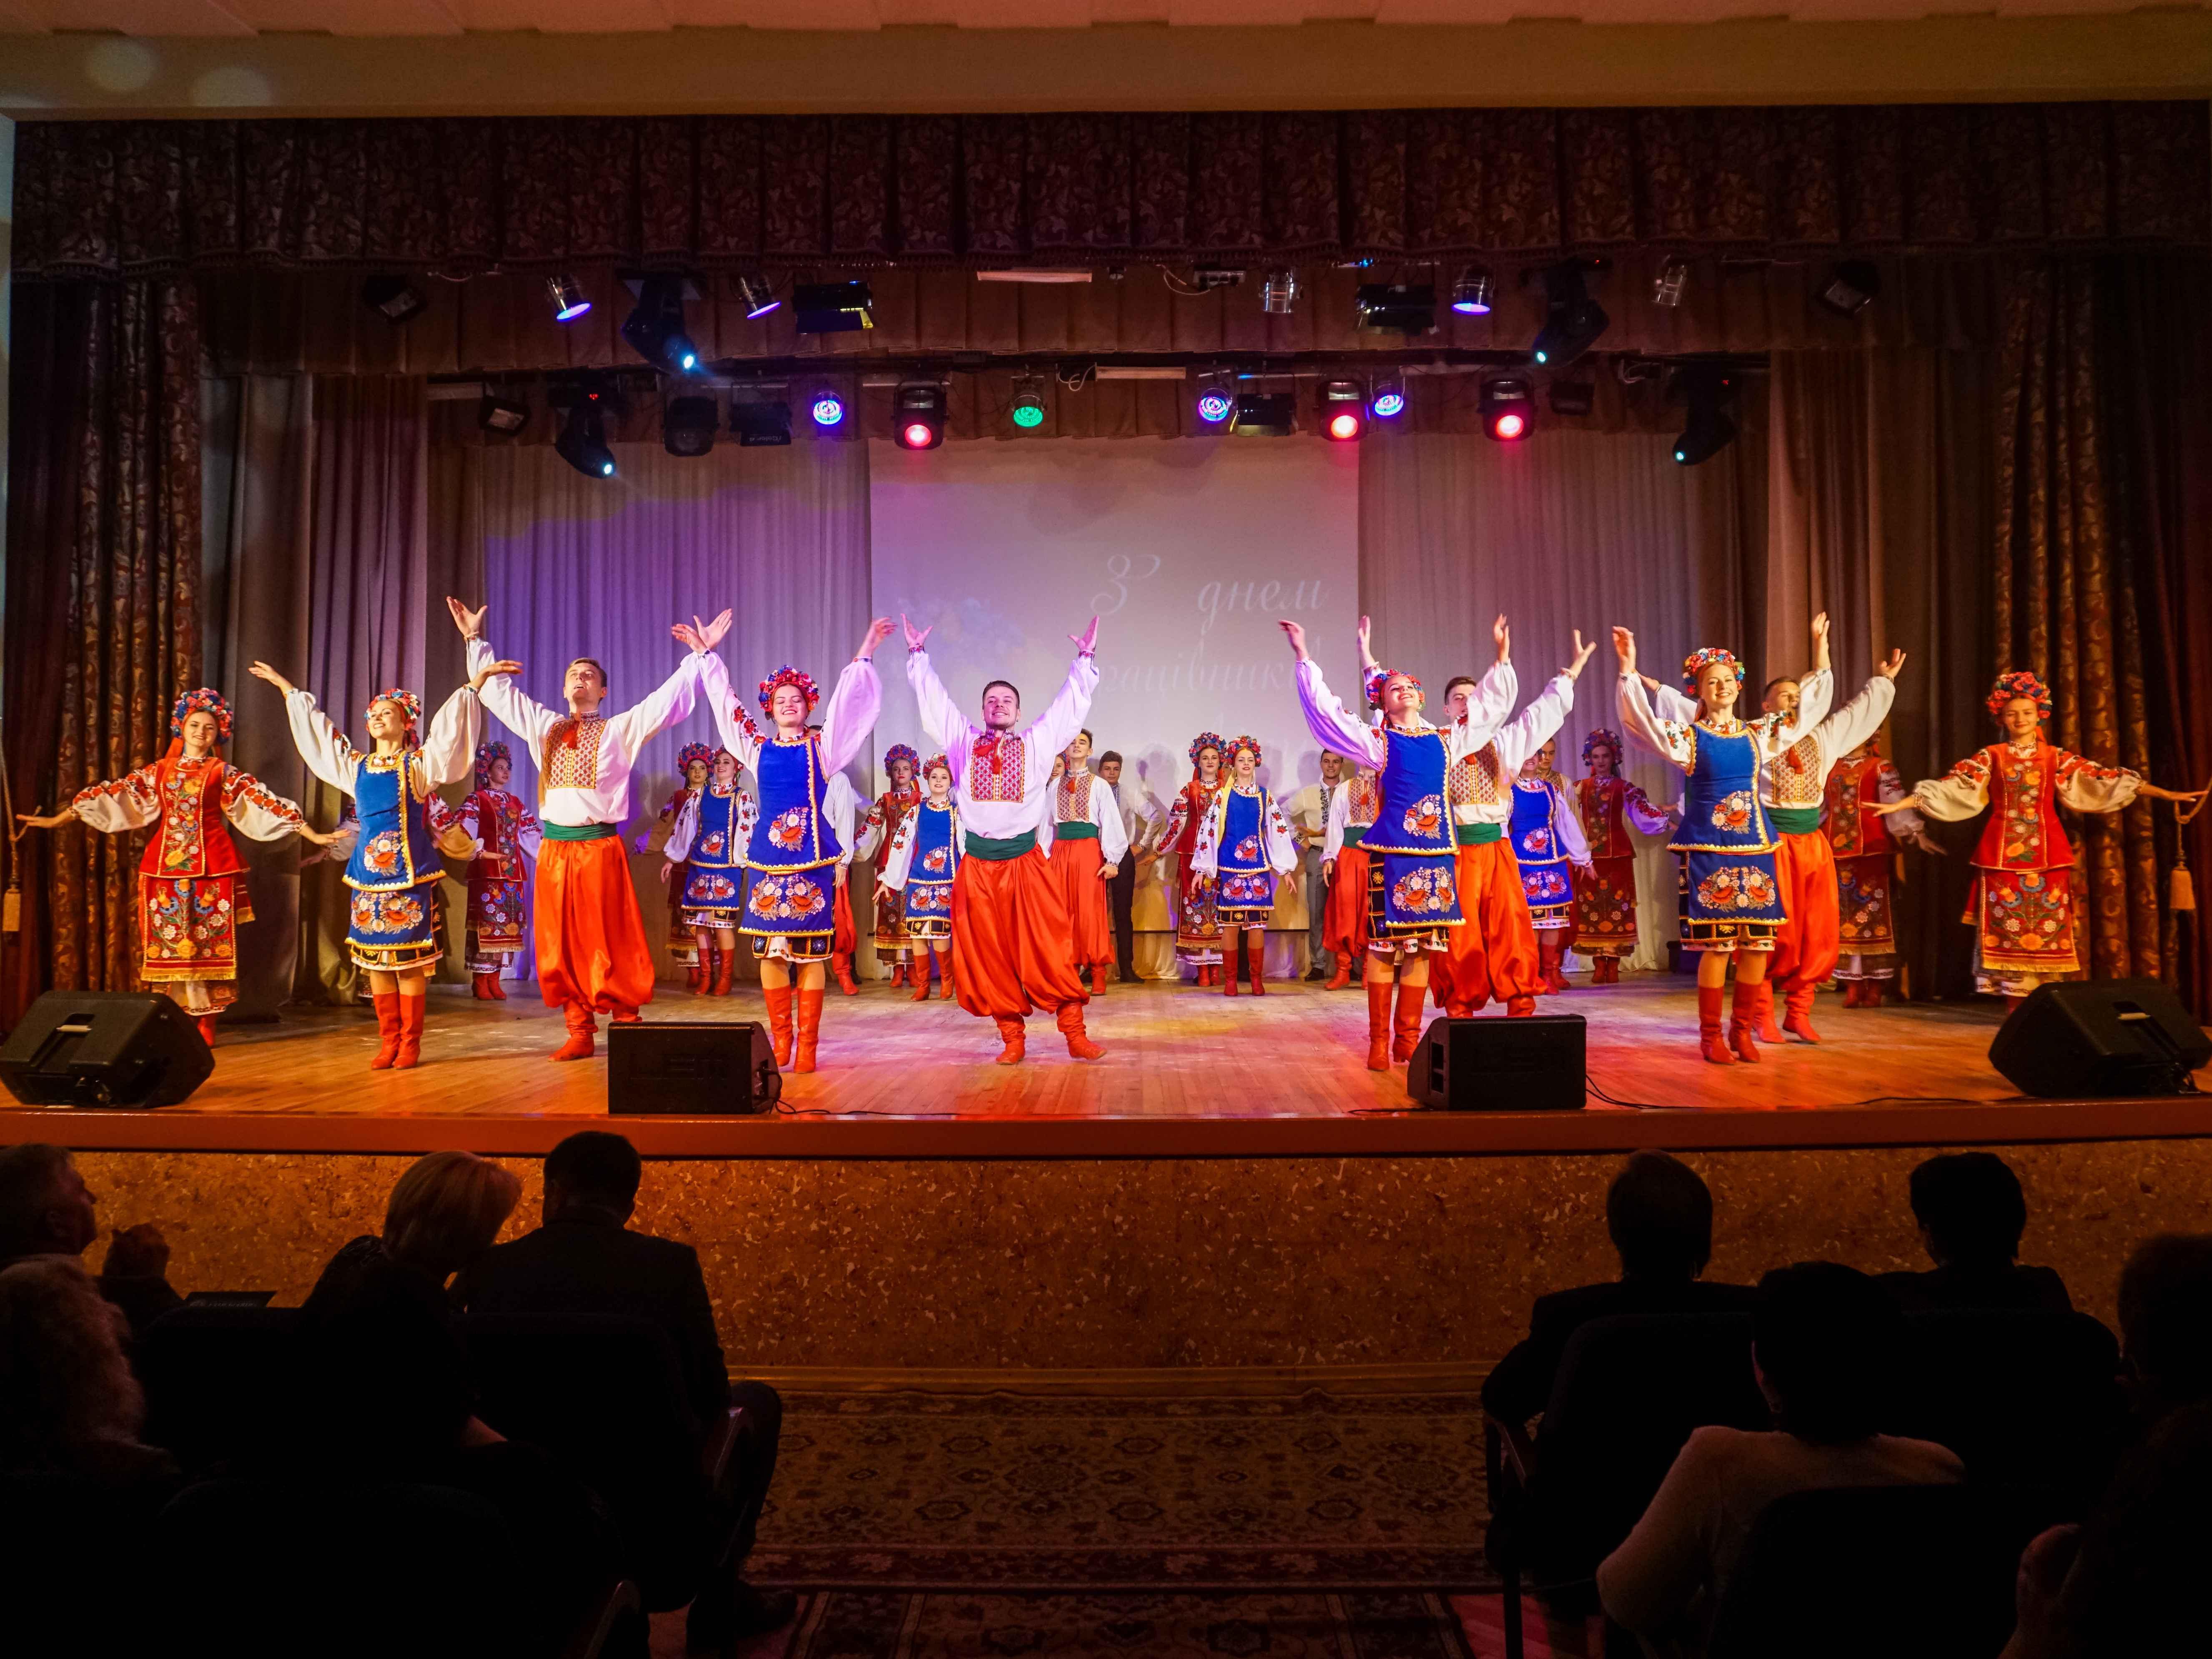 Святковим концертом та конкурсом вареників в УДФСУ відзначили День працівників освіти